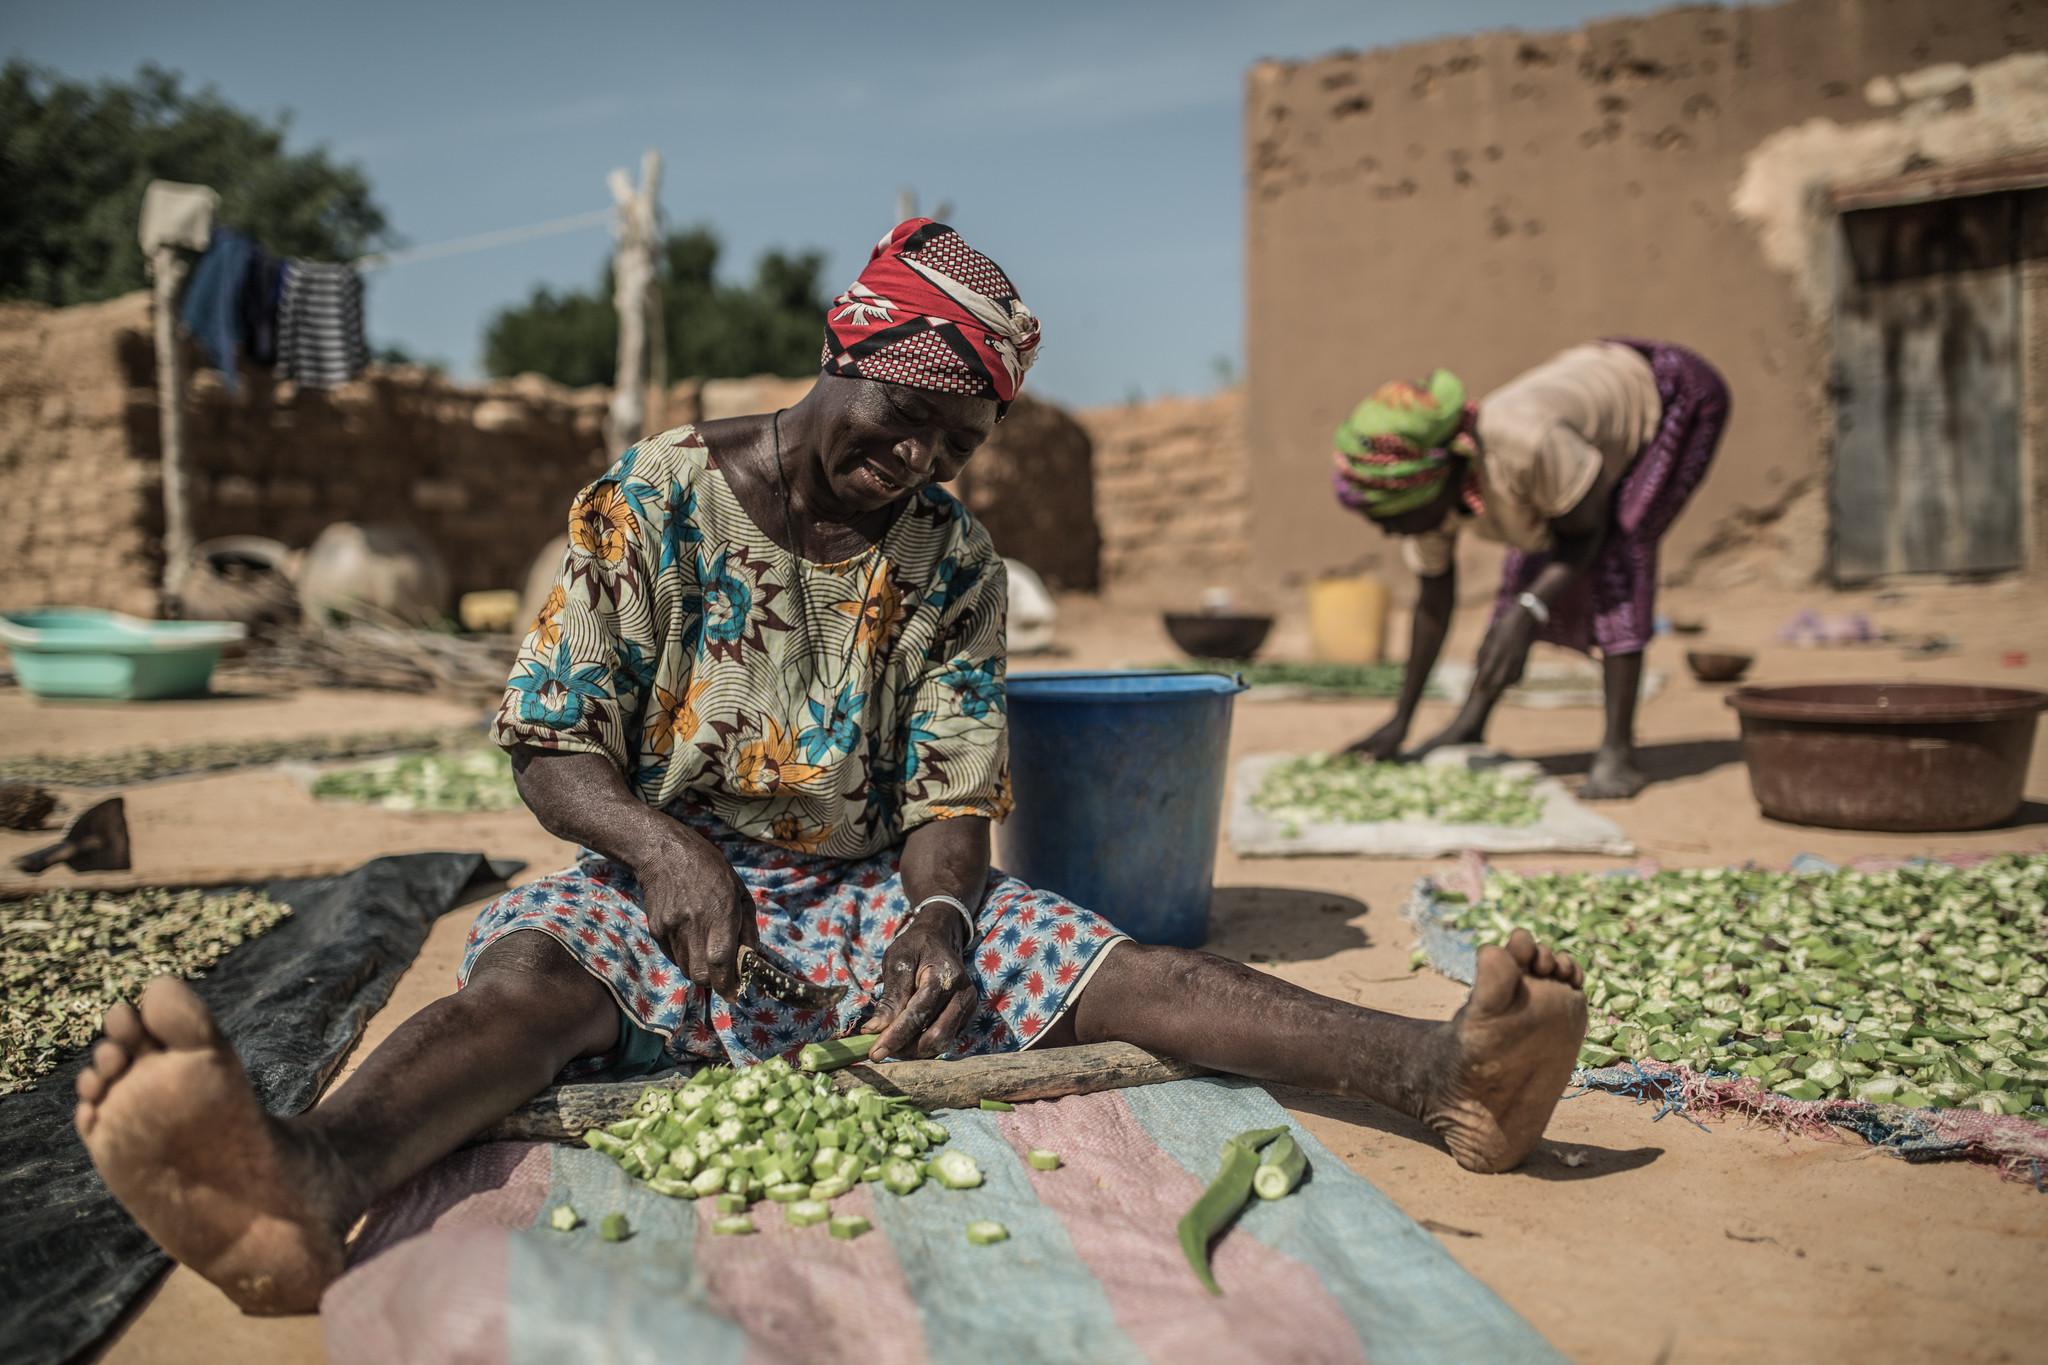 Pascaline vit à Nioko, un petit village rural de la commune de Pissila, dans la région du Centre-Nord, au Burkina Faso.